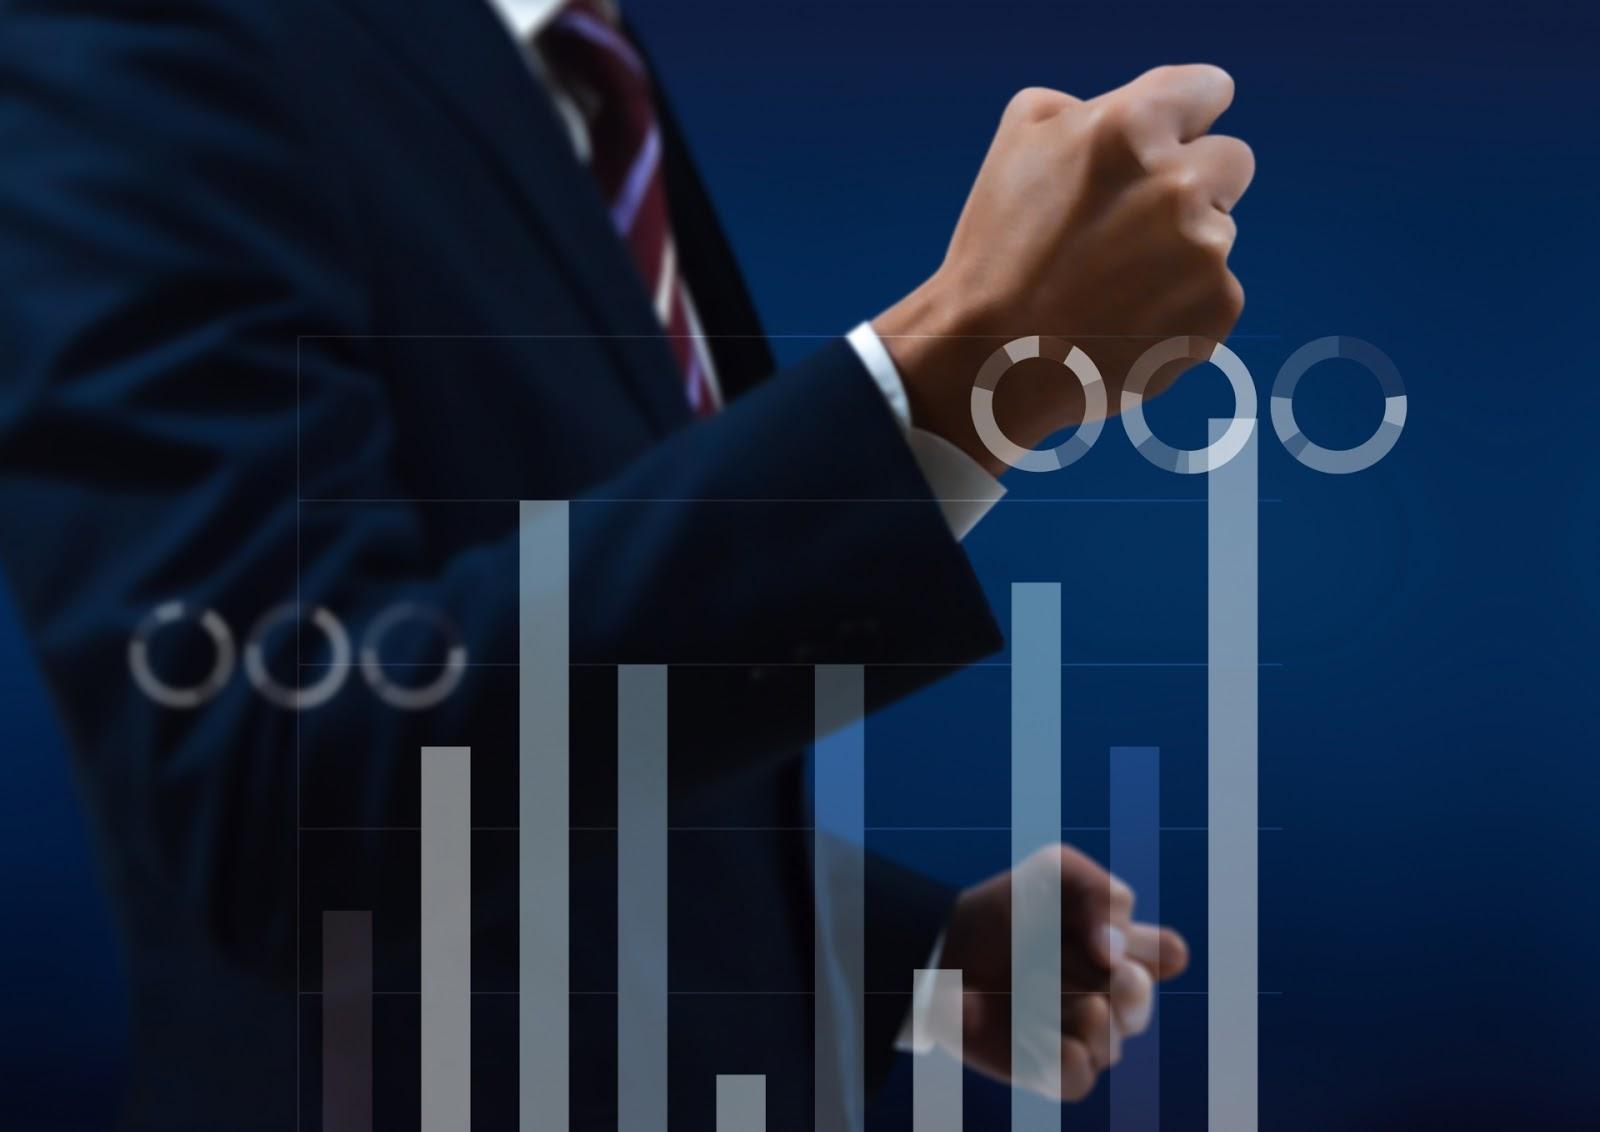 【キーエンス式】営業DX成功につながる3つのヒントとcyzen活用方法